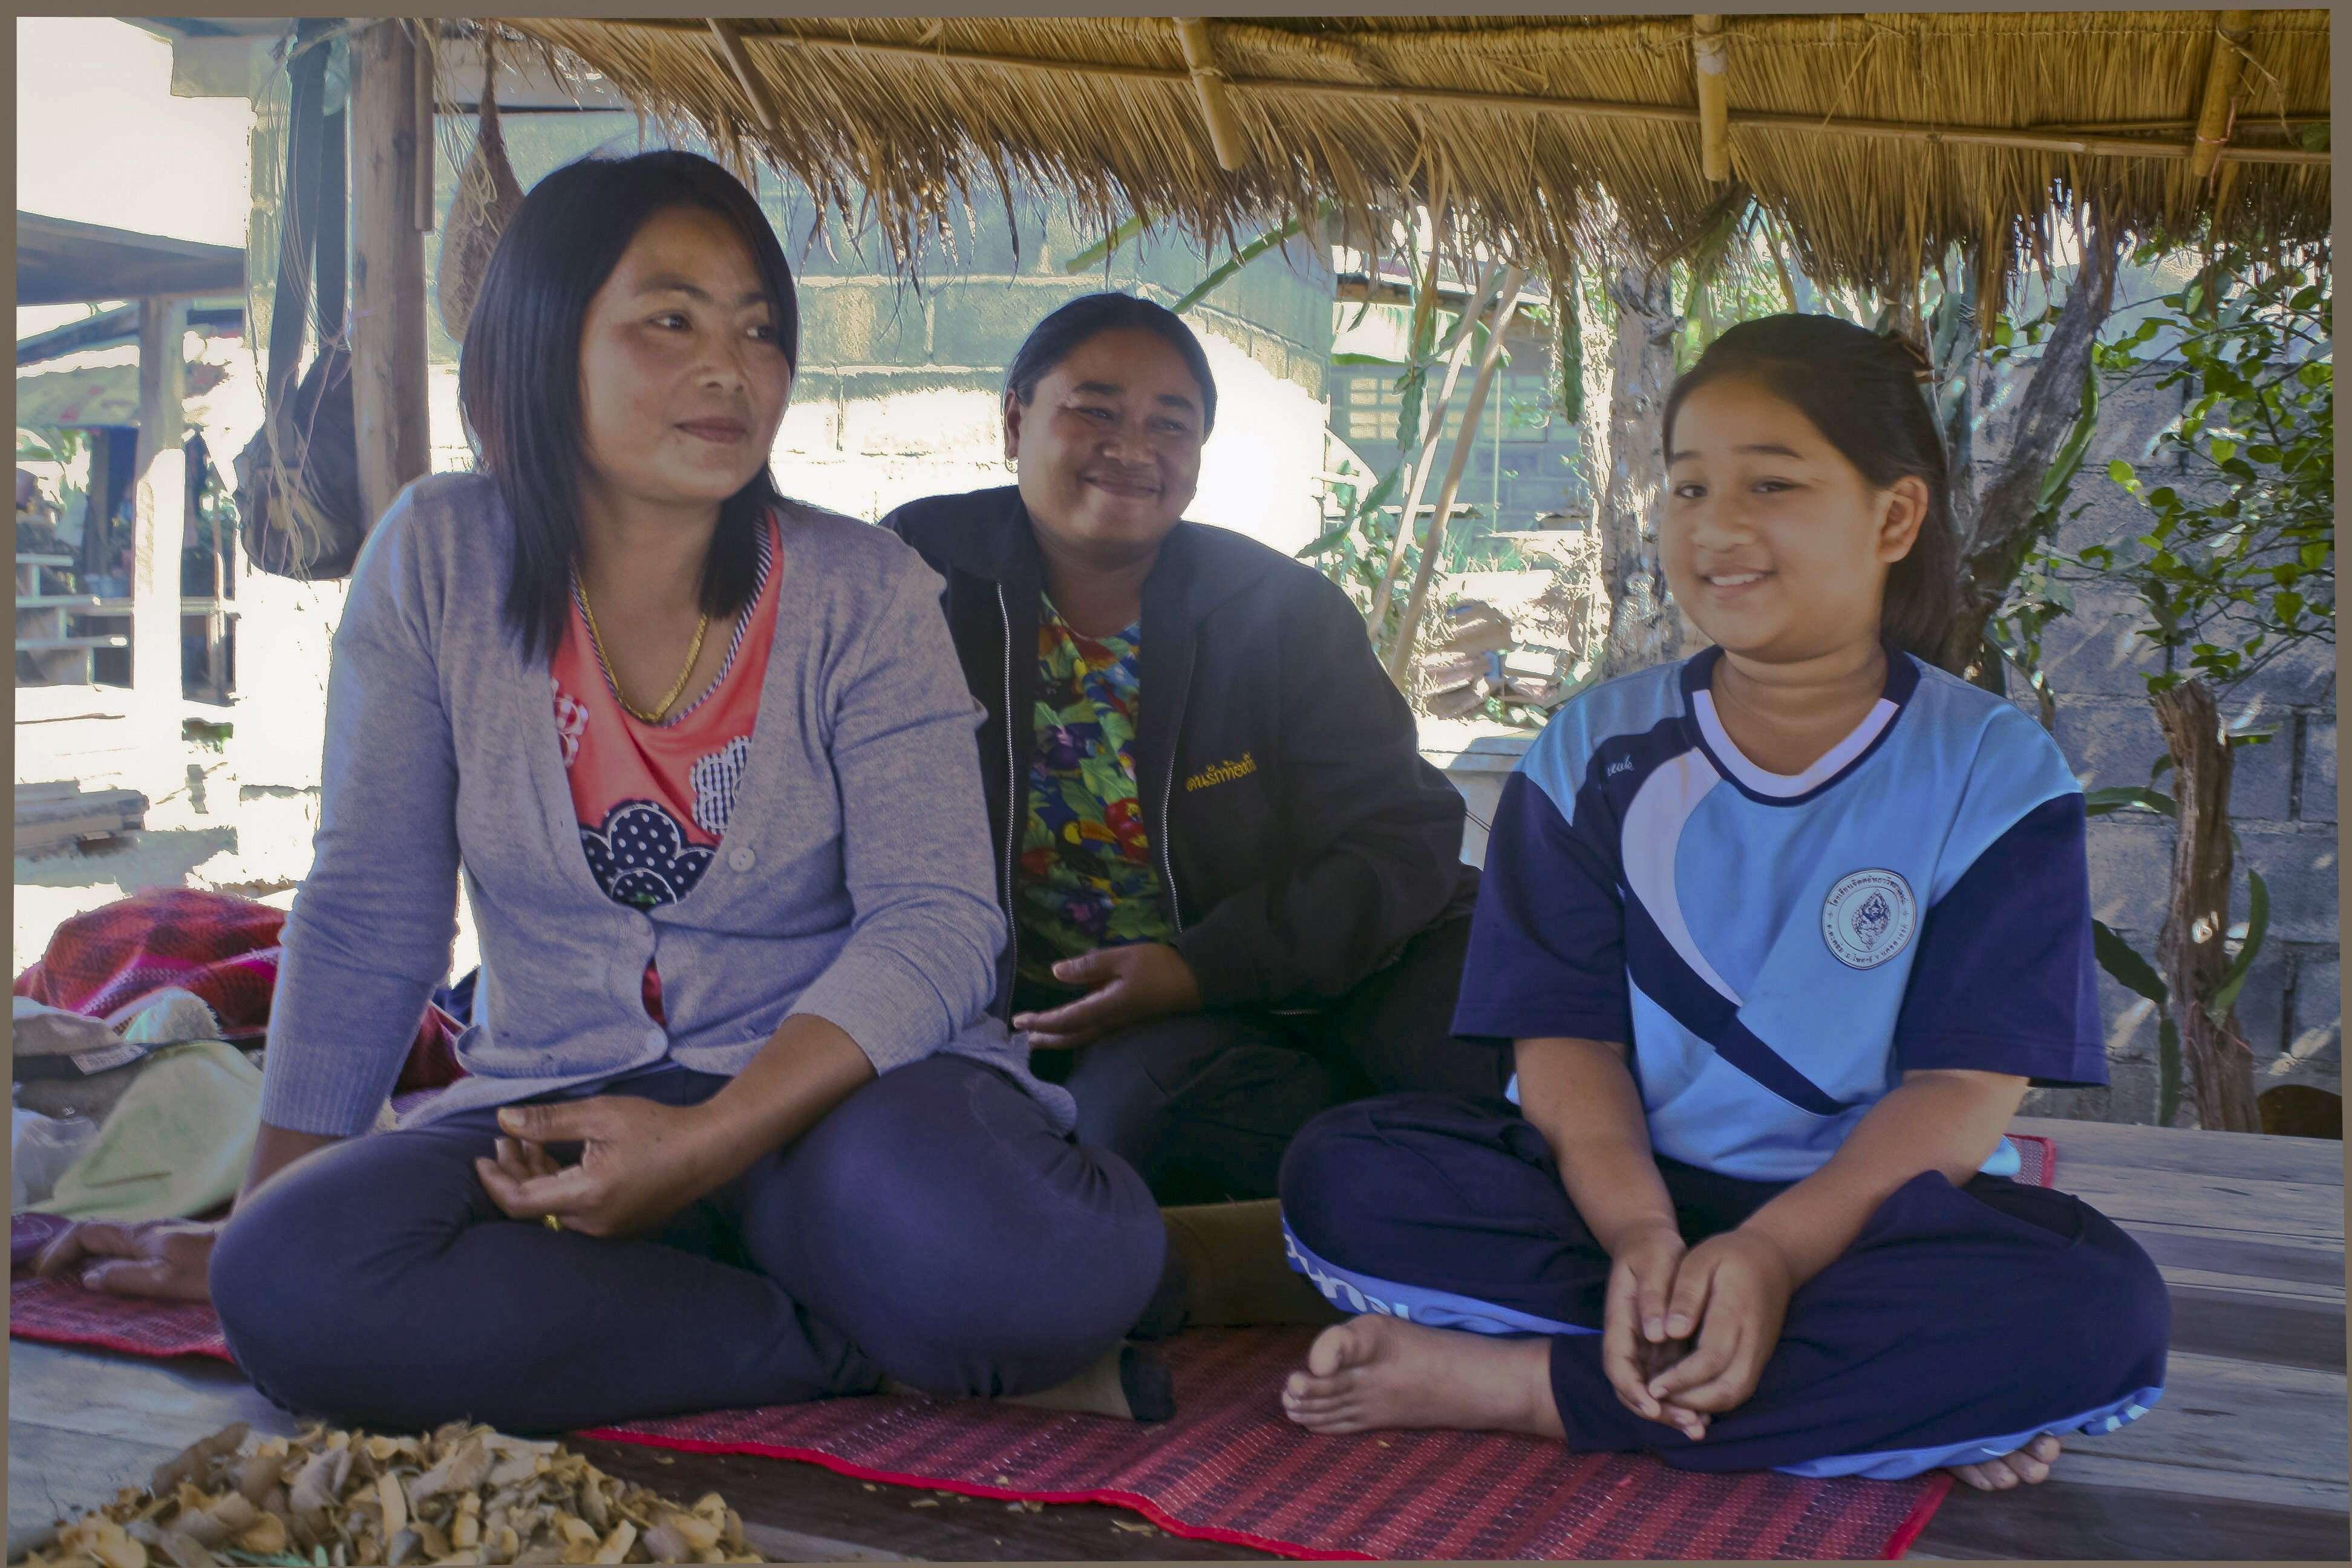 En la imagen, Moowan (d), una niña tailandesa, con la que, según ella, fue su familia en su anterior vida. En sus primeros años de vida, Moowan se reveló a su vecina como su abuela renacida y le contó detalles personales sobre su pariente fallecida Foto: Gaspar Ruiz-Canela/EFE